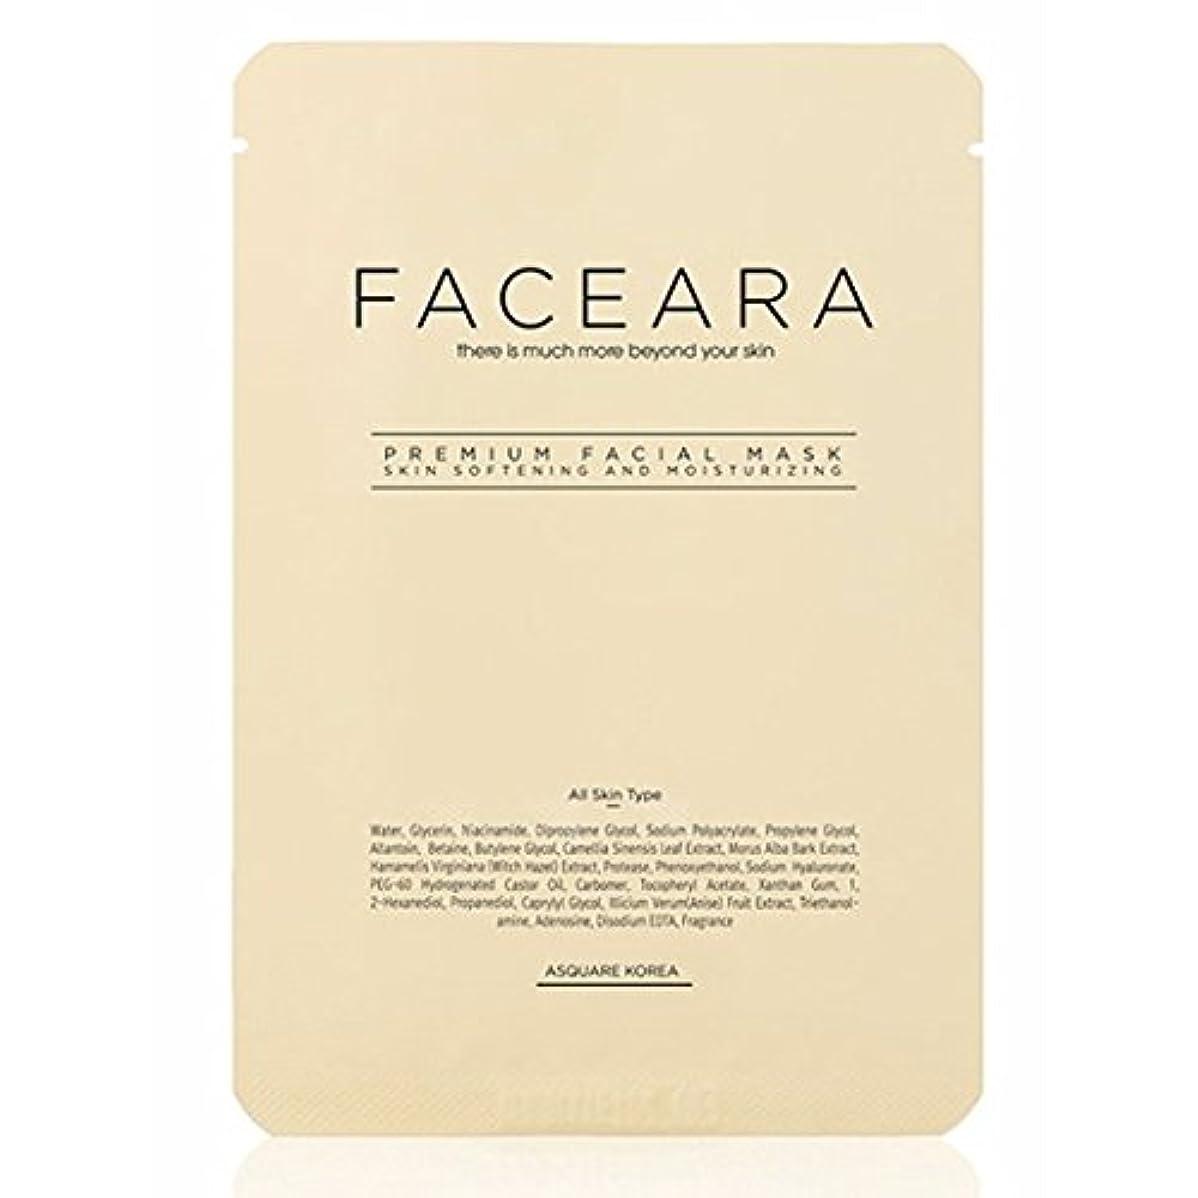 パンダ有害日付付き[並行輸入品] FACEARA スクラブ&スーパーモイスチャライザー用プレミアムフェイシャルマスクシート25g 10本セット / FACEARA Premium Facial Mask Sheet for Scrub &...